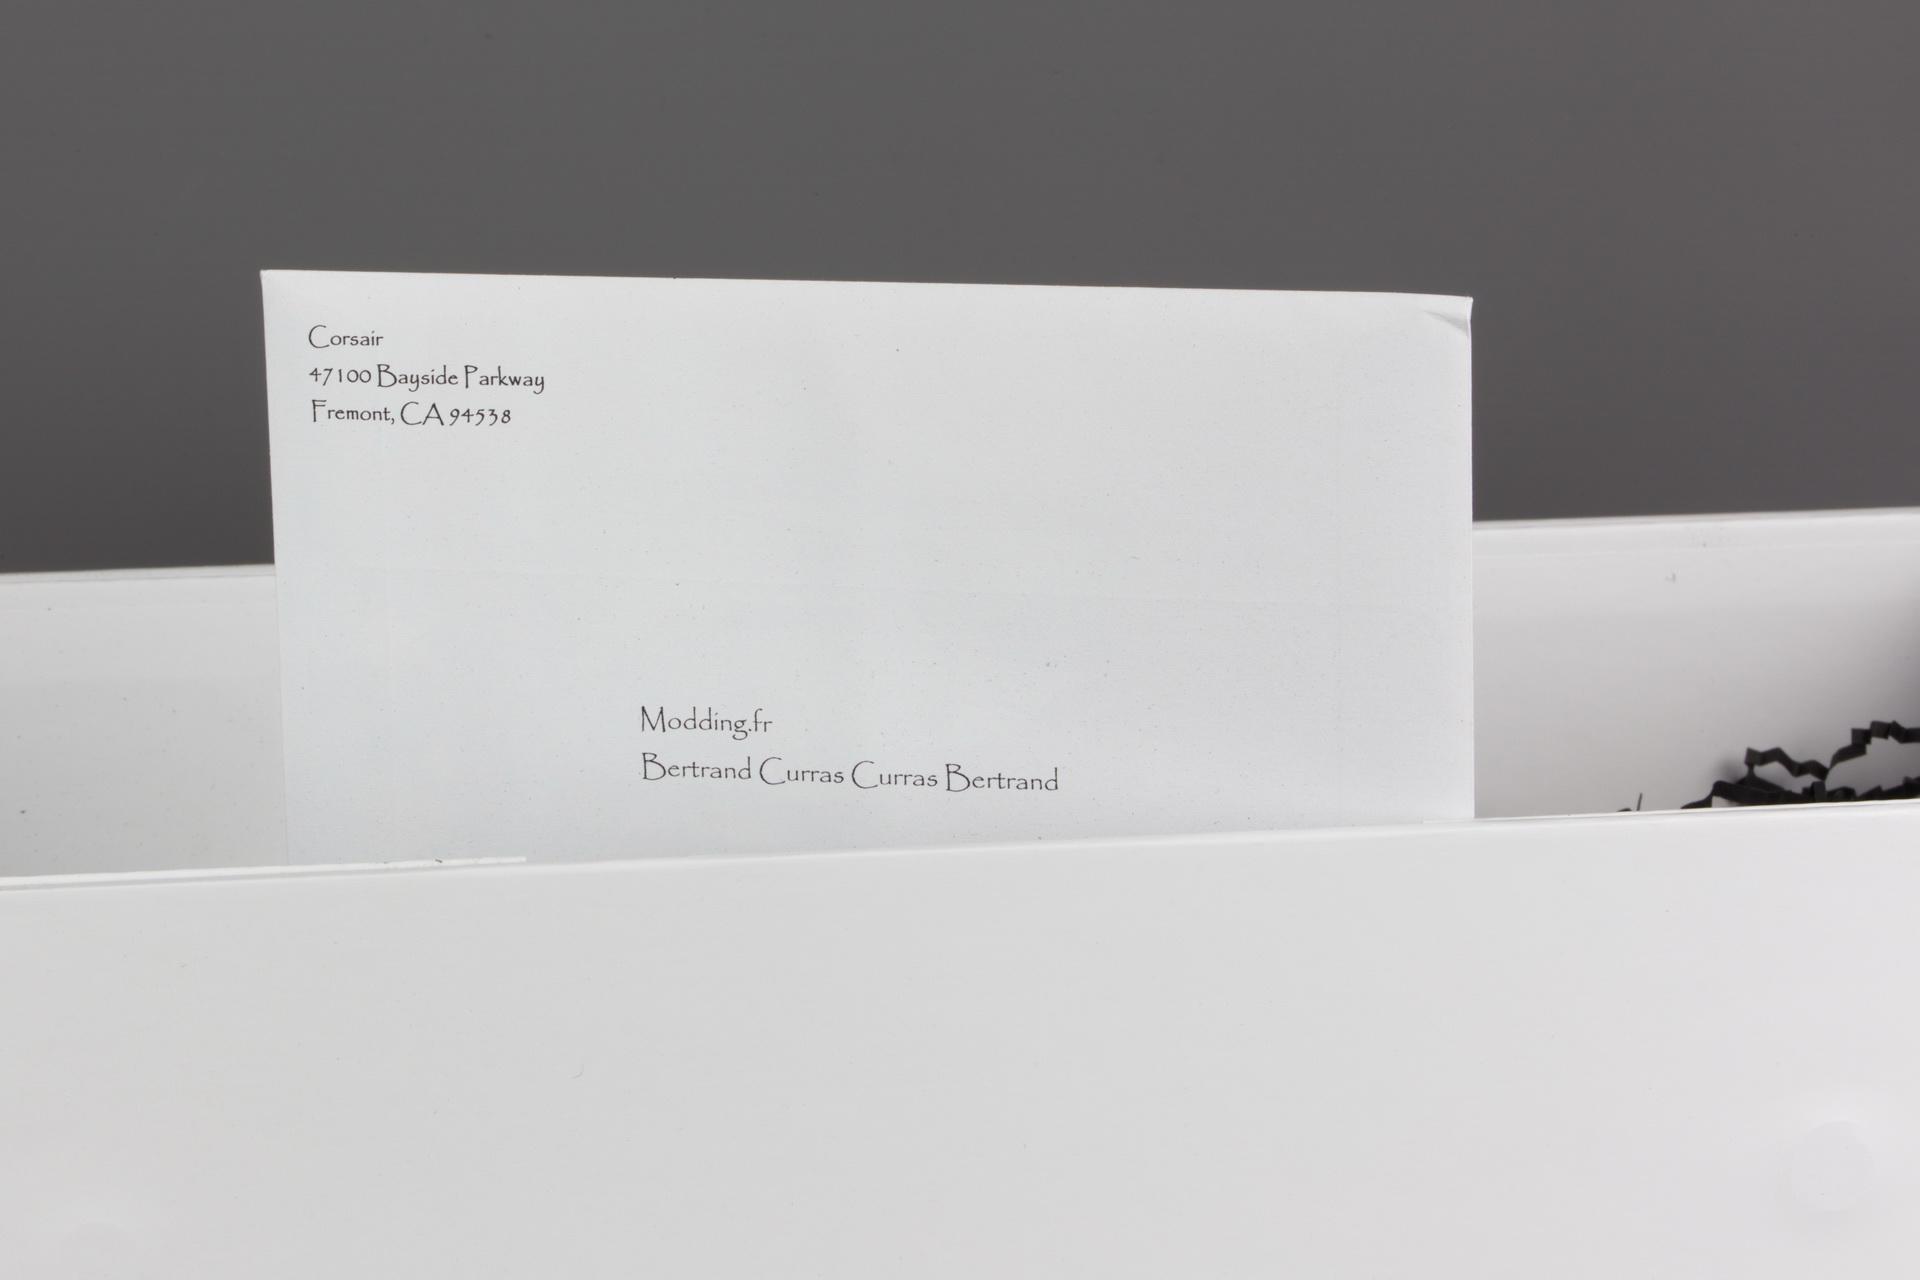 Corsair Cadeau 07